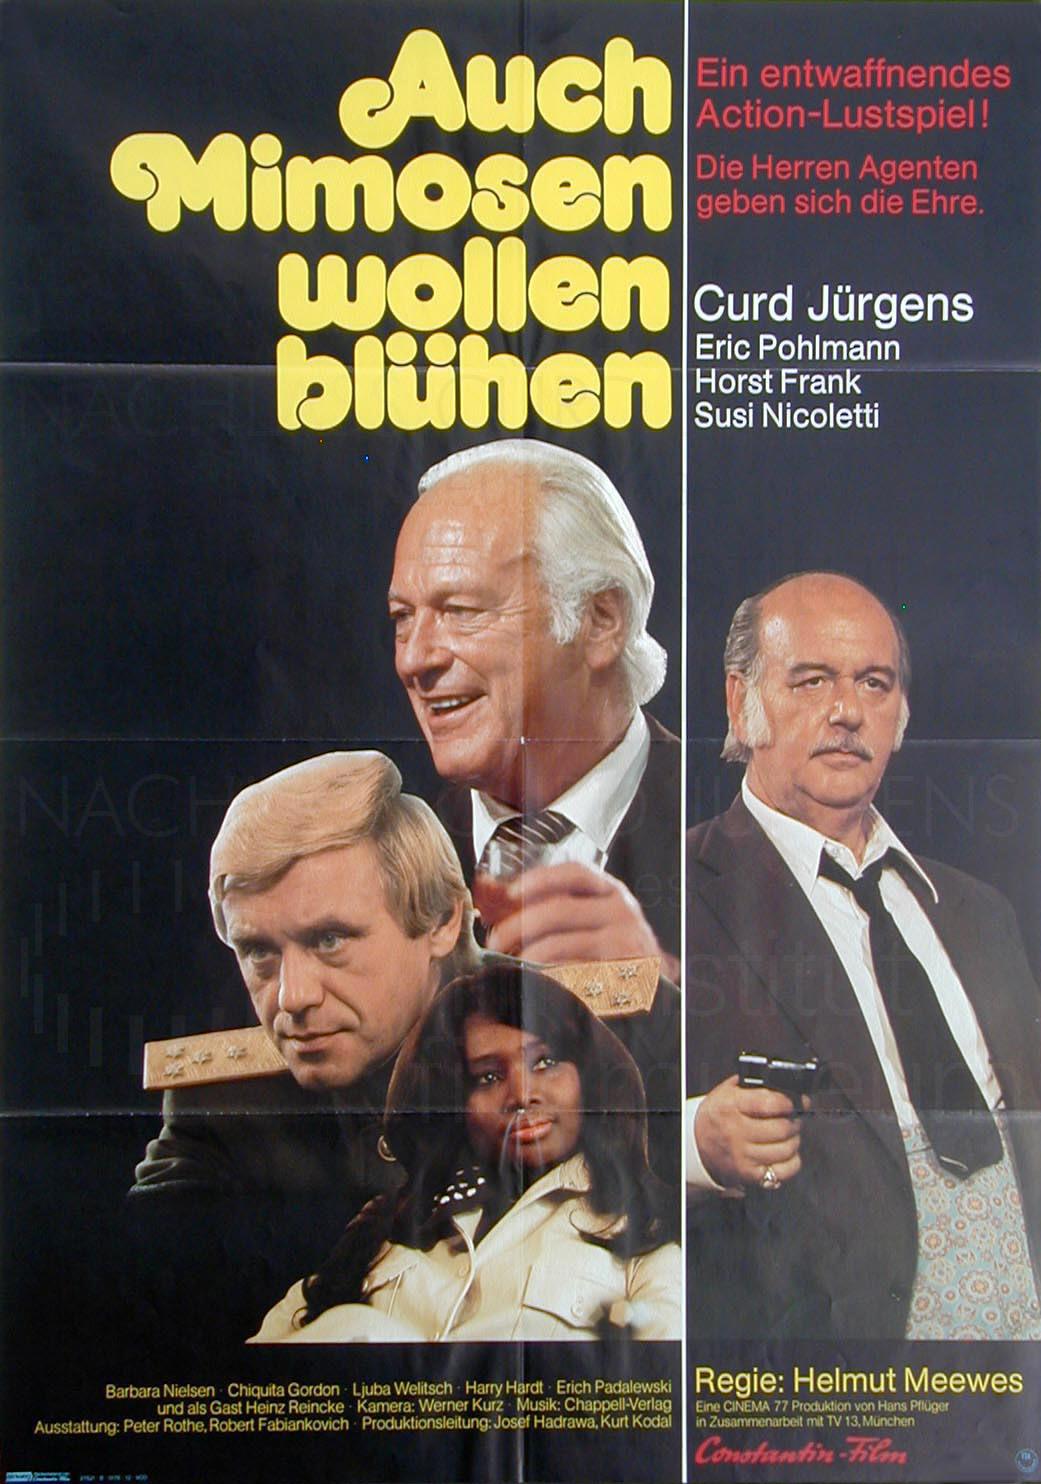 AUCH MIMOSEN WOLLEN BLÜHEN (1976)